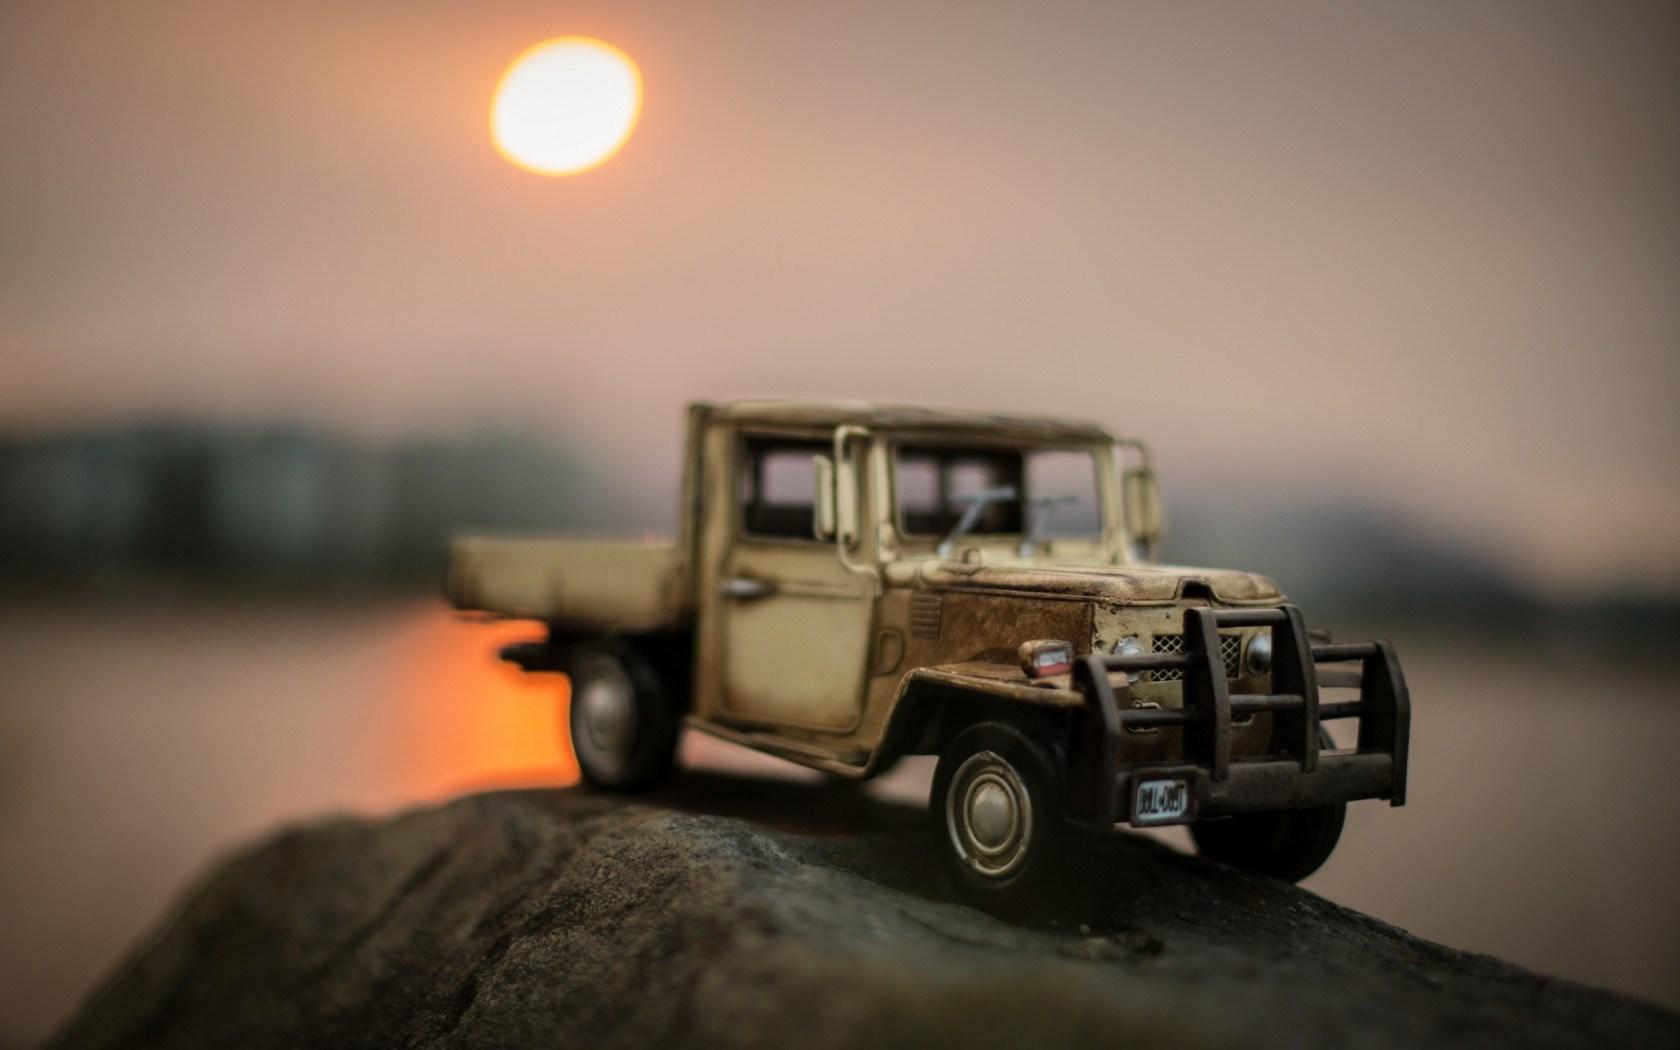 Car Toy Sun